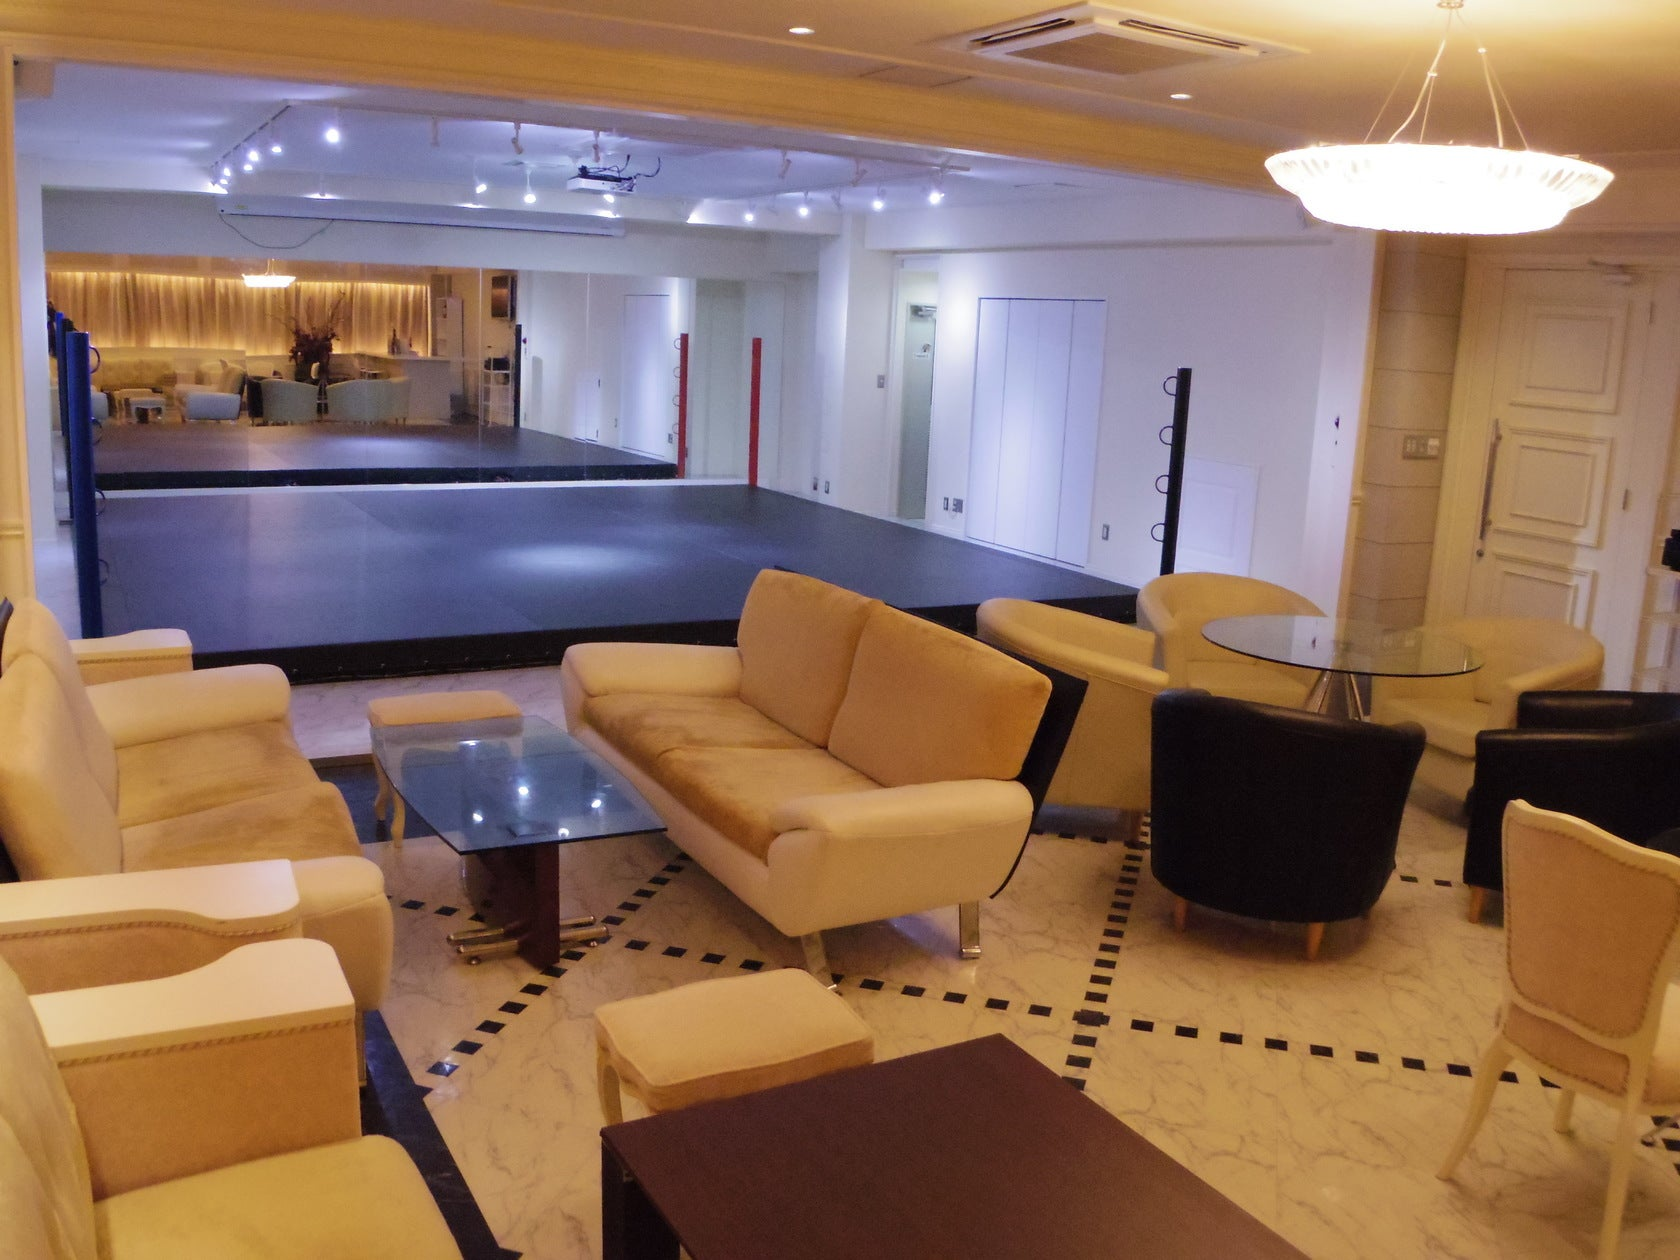 【横浜駅徒歩圏内】60人収容可能なレンタルスペースでオリジナルパーティーを開催しませんか!?